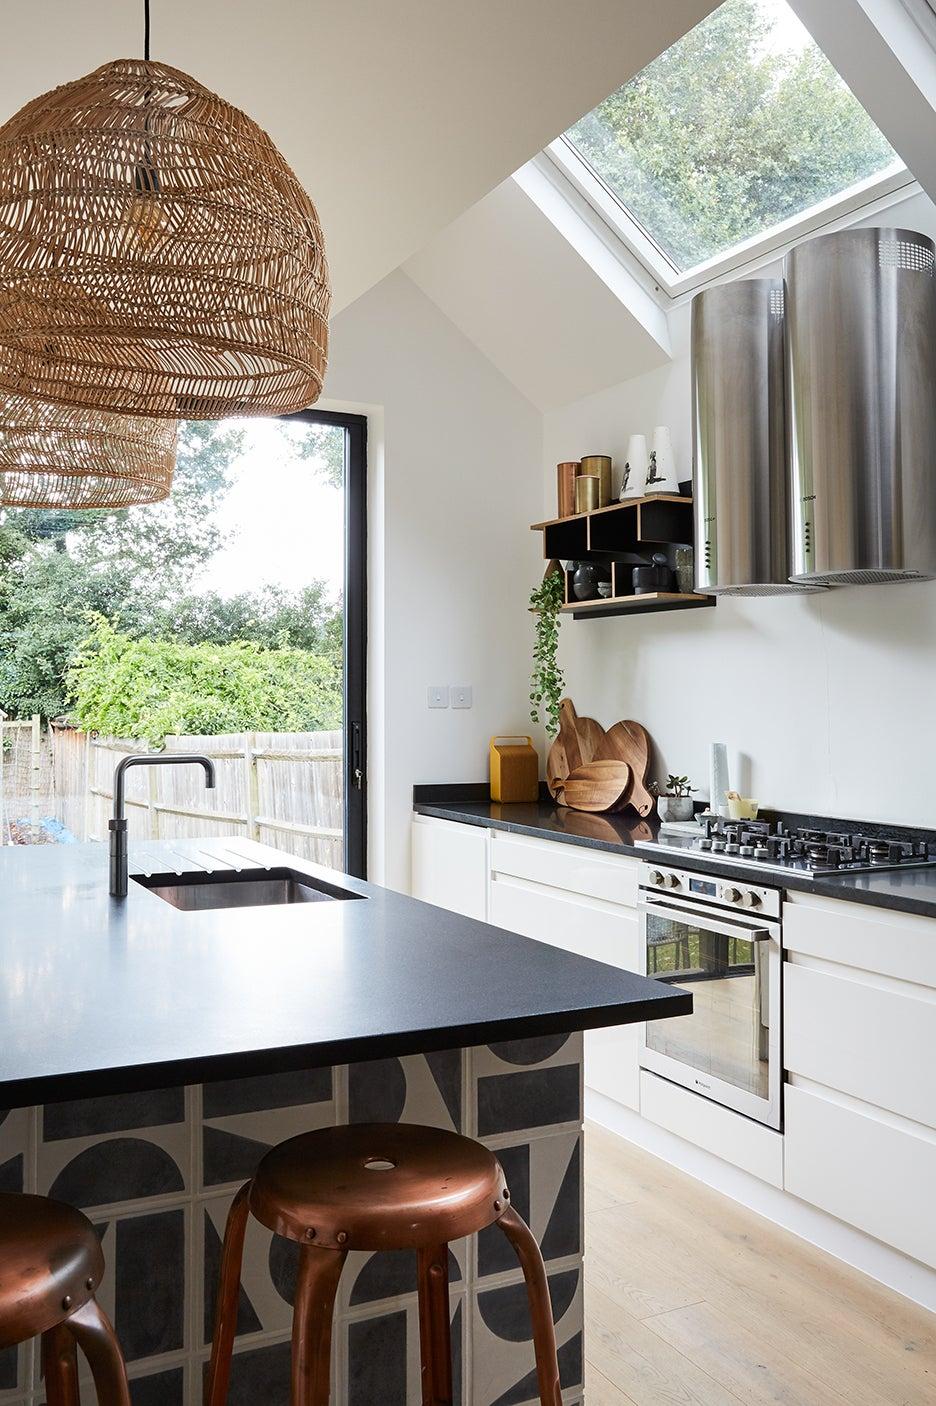 tiled kitchen islamd